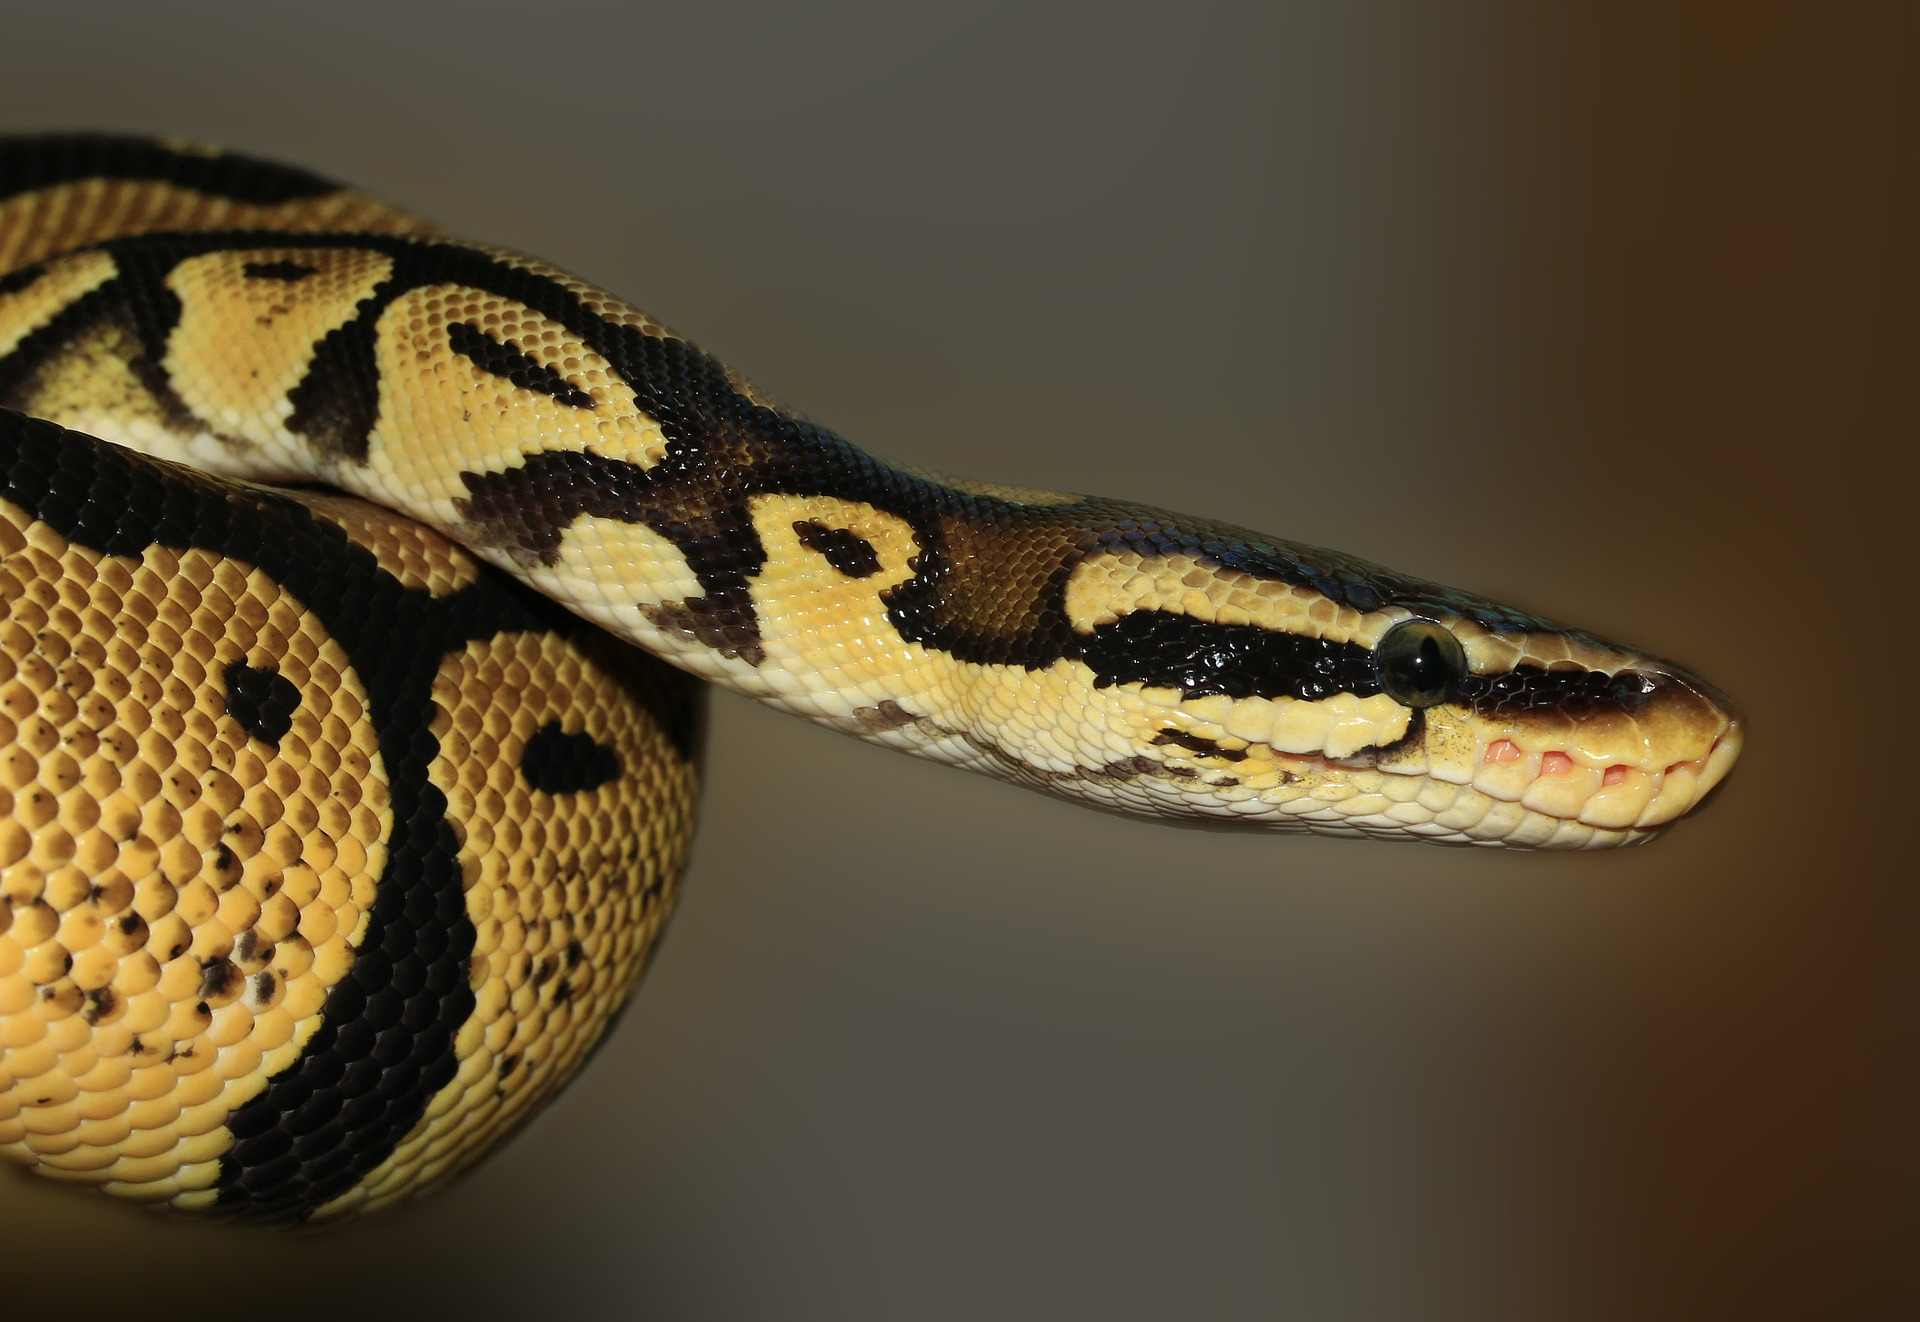 Змея, Python, Гадюка, глаза, Рептилия - Обои HD - Профессор falken.com